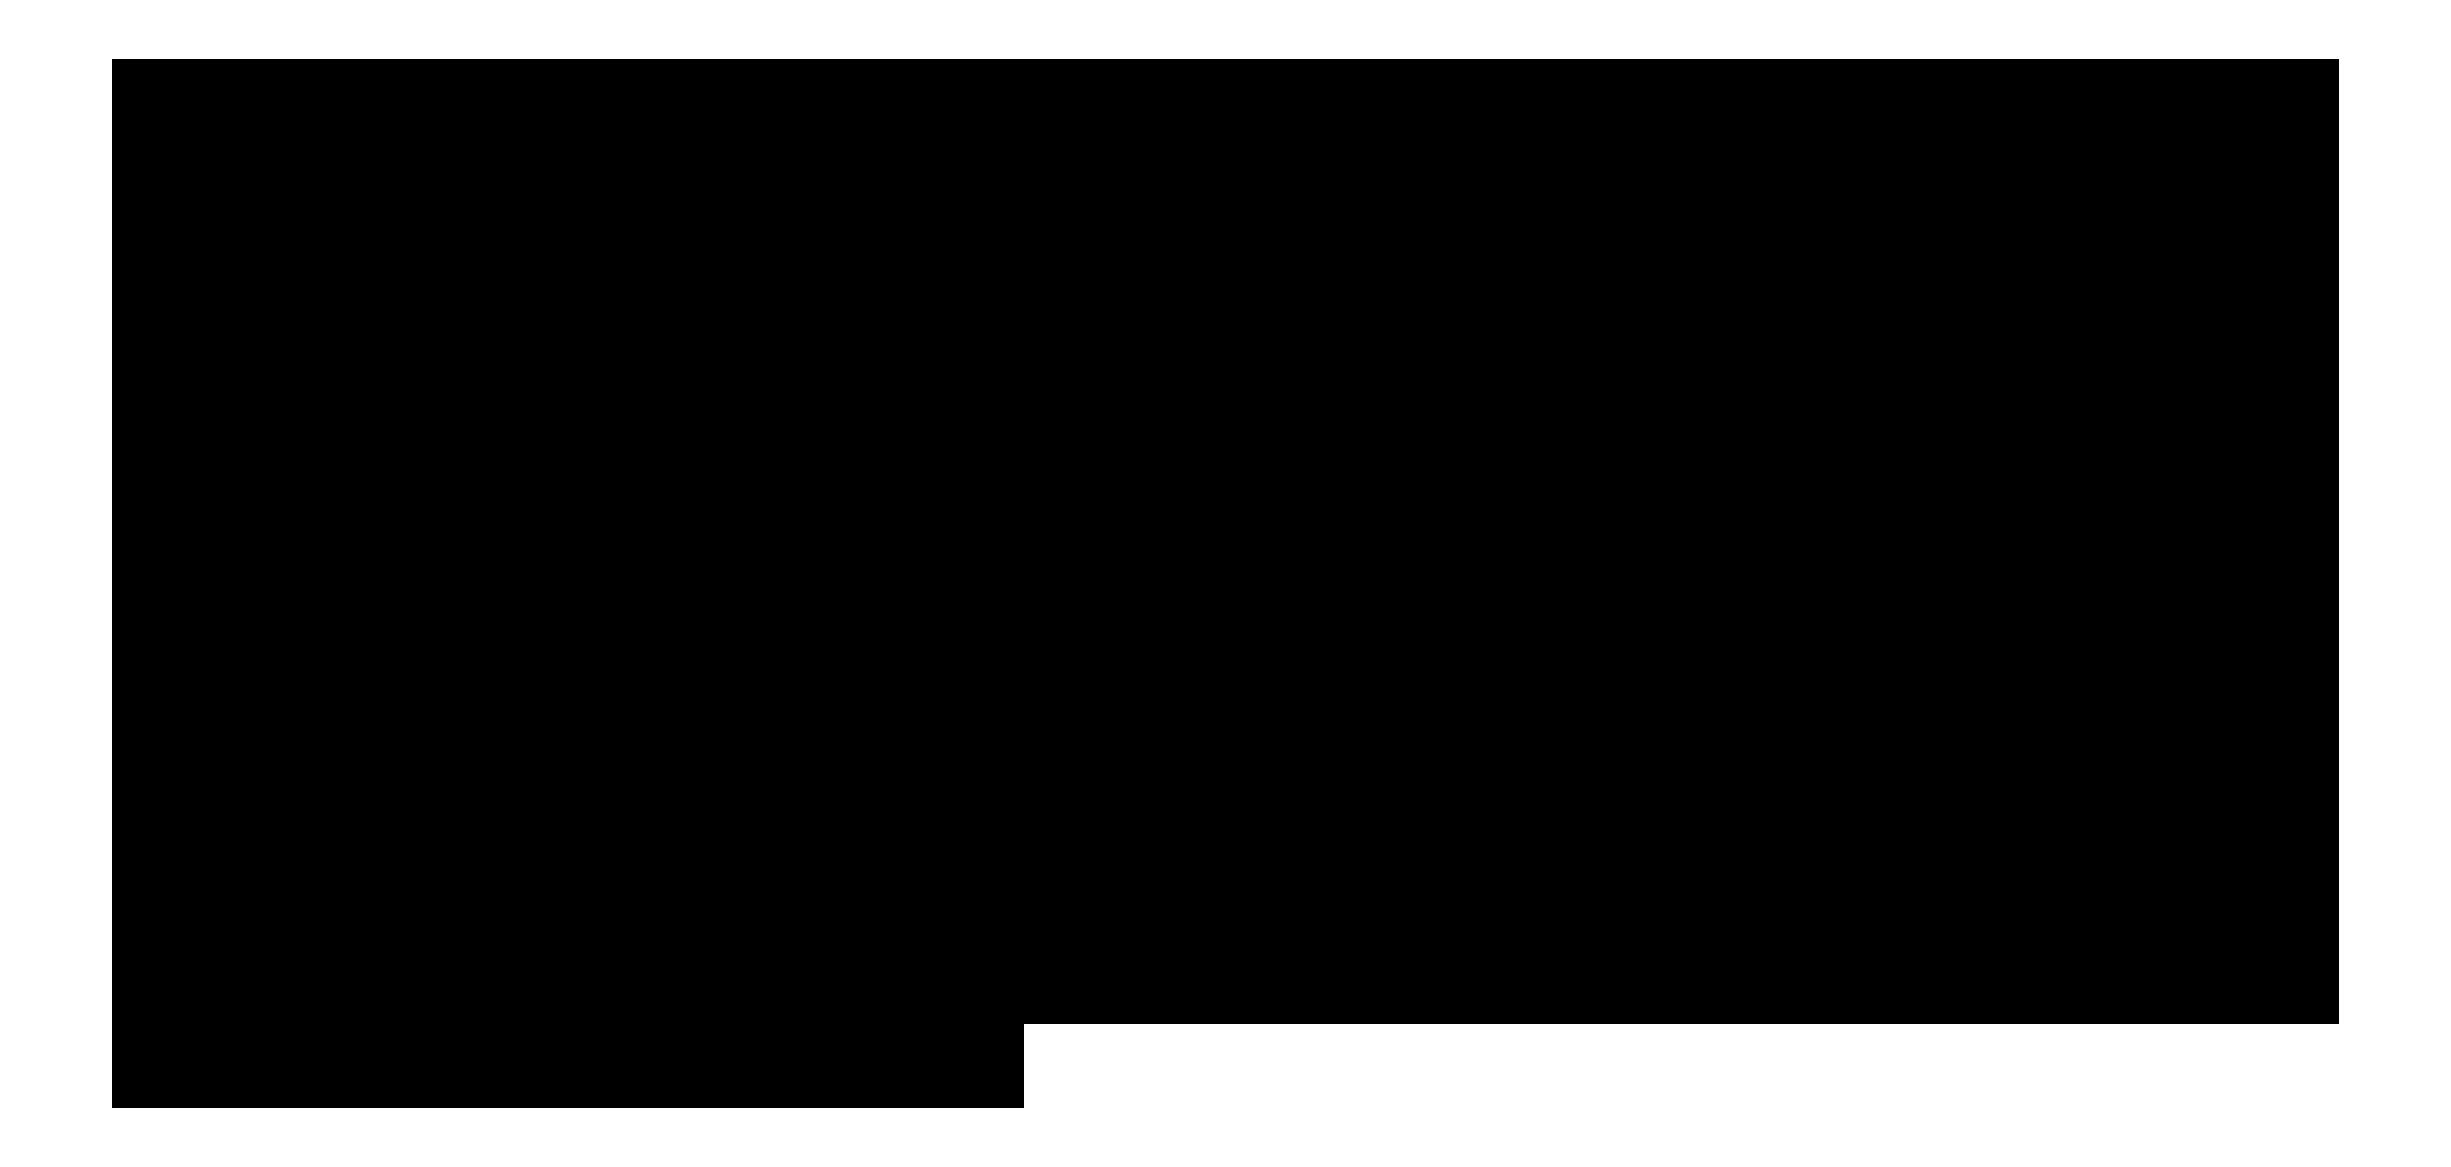 Logotipo-JSStore_Prancheta 1 cópia 2